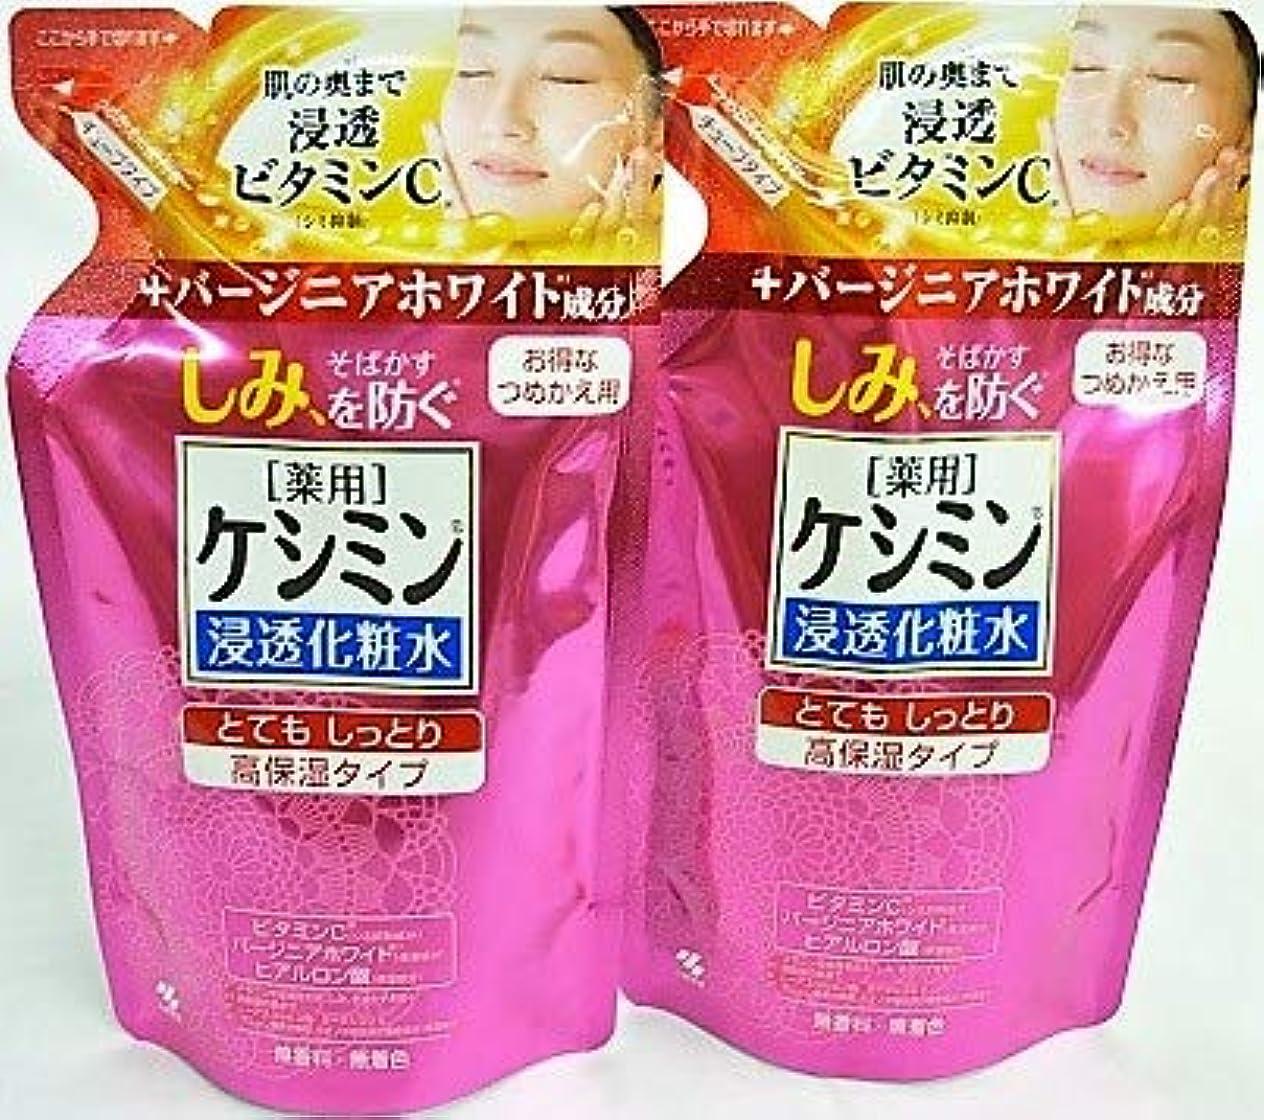 隣人アレルギー全体[2個セット]ケシミン浸透化粧水 とてもしっとり 詰め替え用 シミを防ぐ 140ml入り×2個